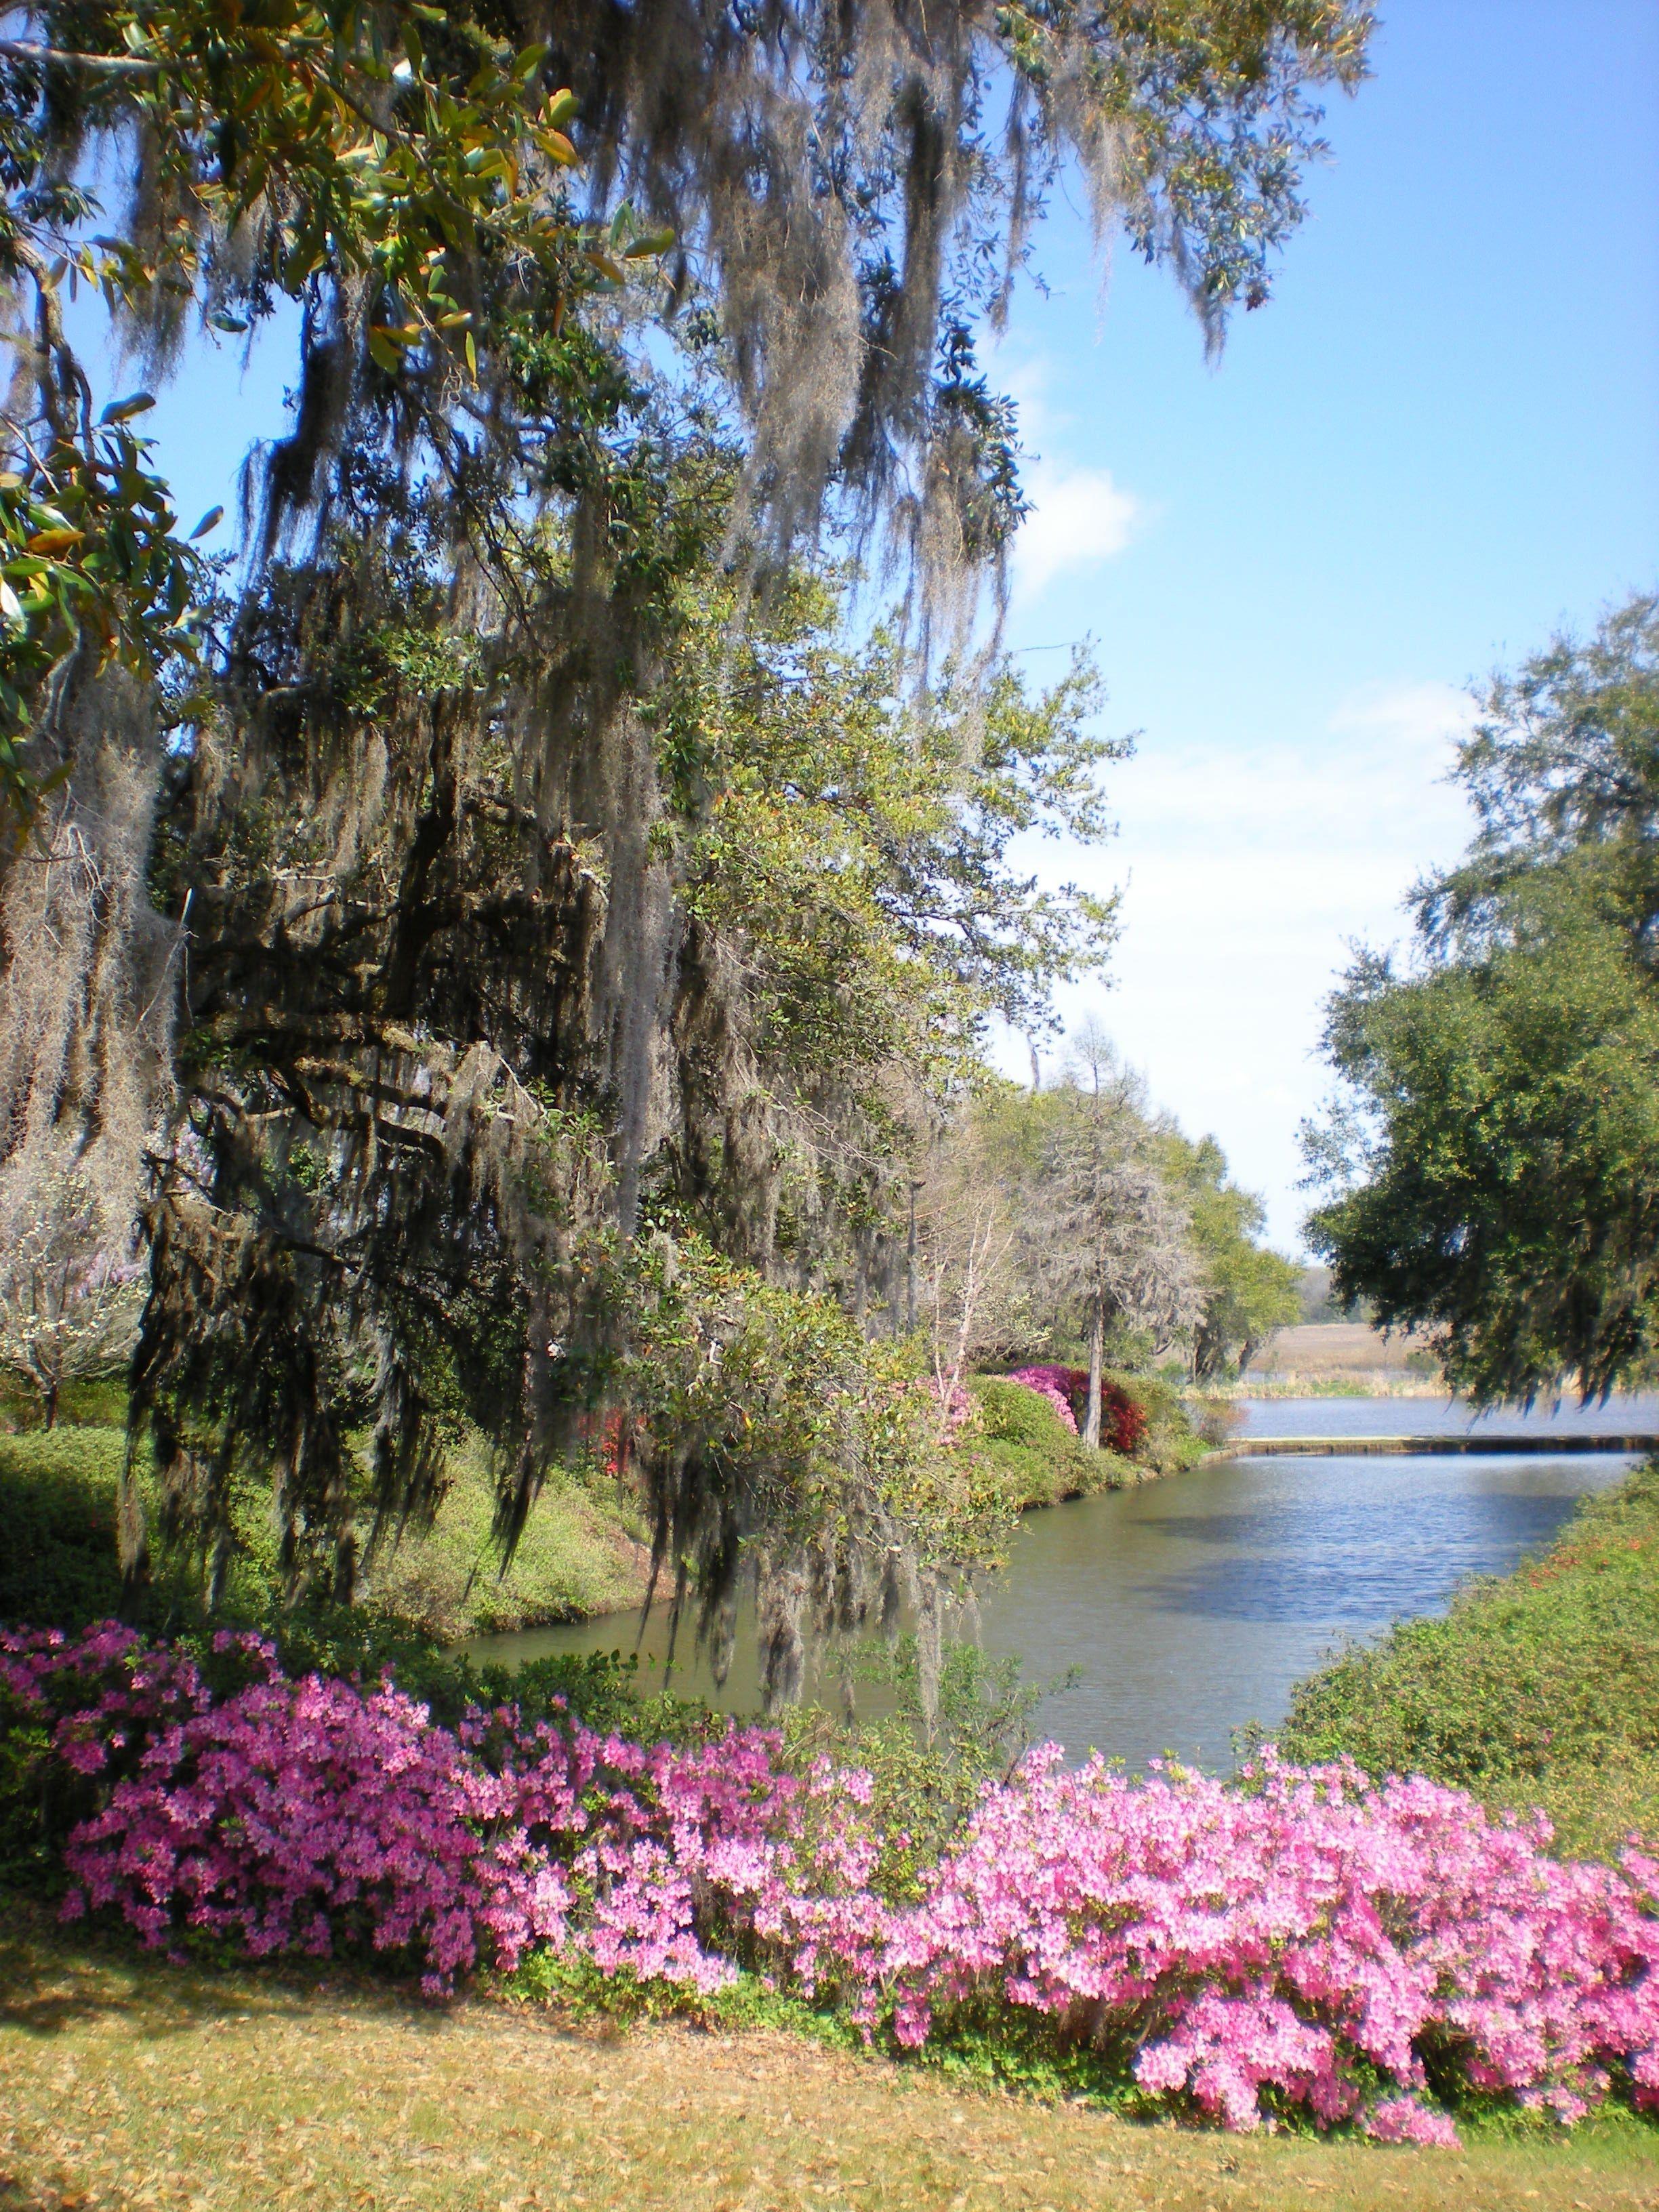 ce3865f79b3a2c76eed7fb5f84a1842e - Magnolia Plantation And Gardens South Carolina